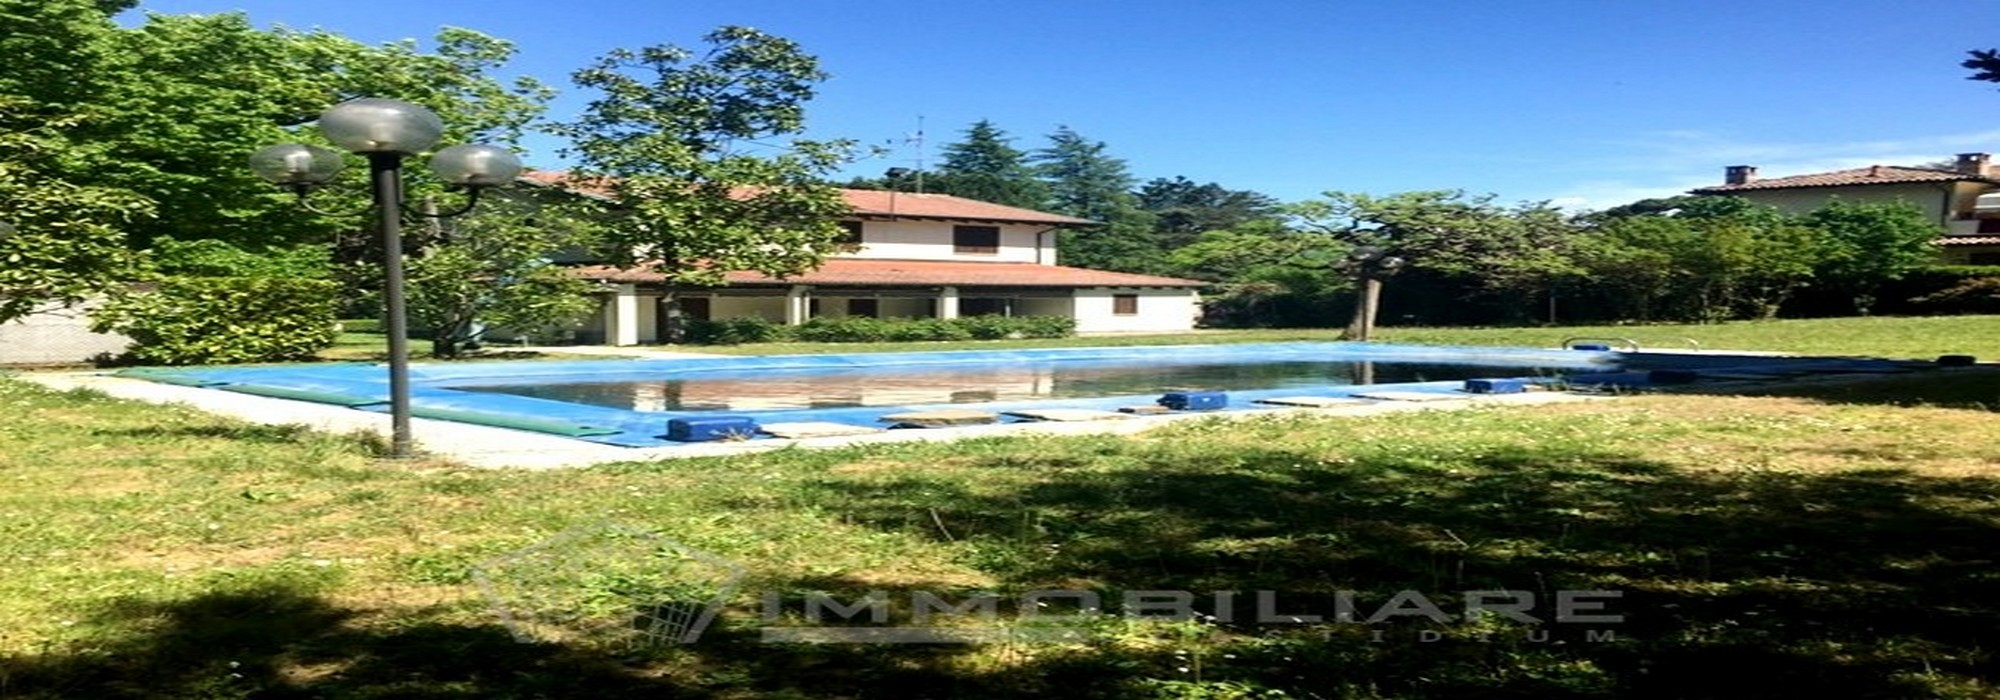 Godiasco (PV) VENDITA Villa di pregio con piscina e giardino Rif. C211